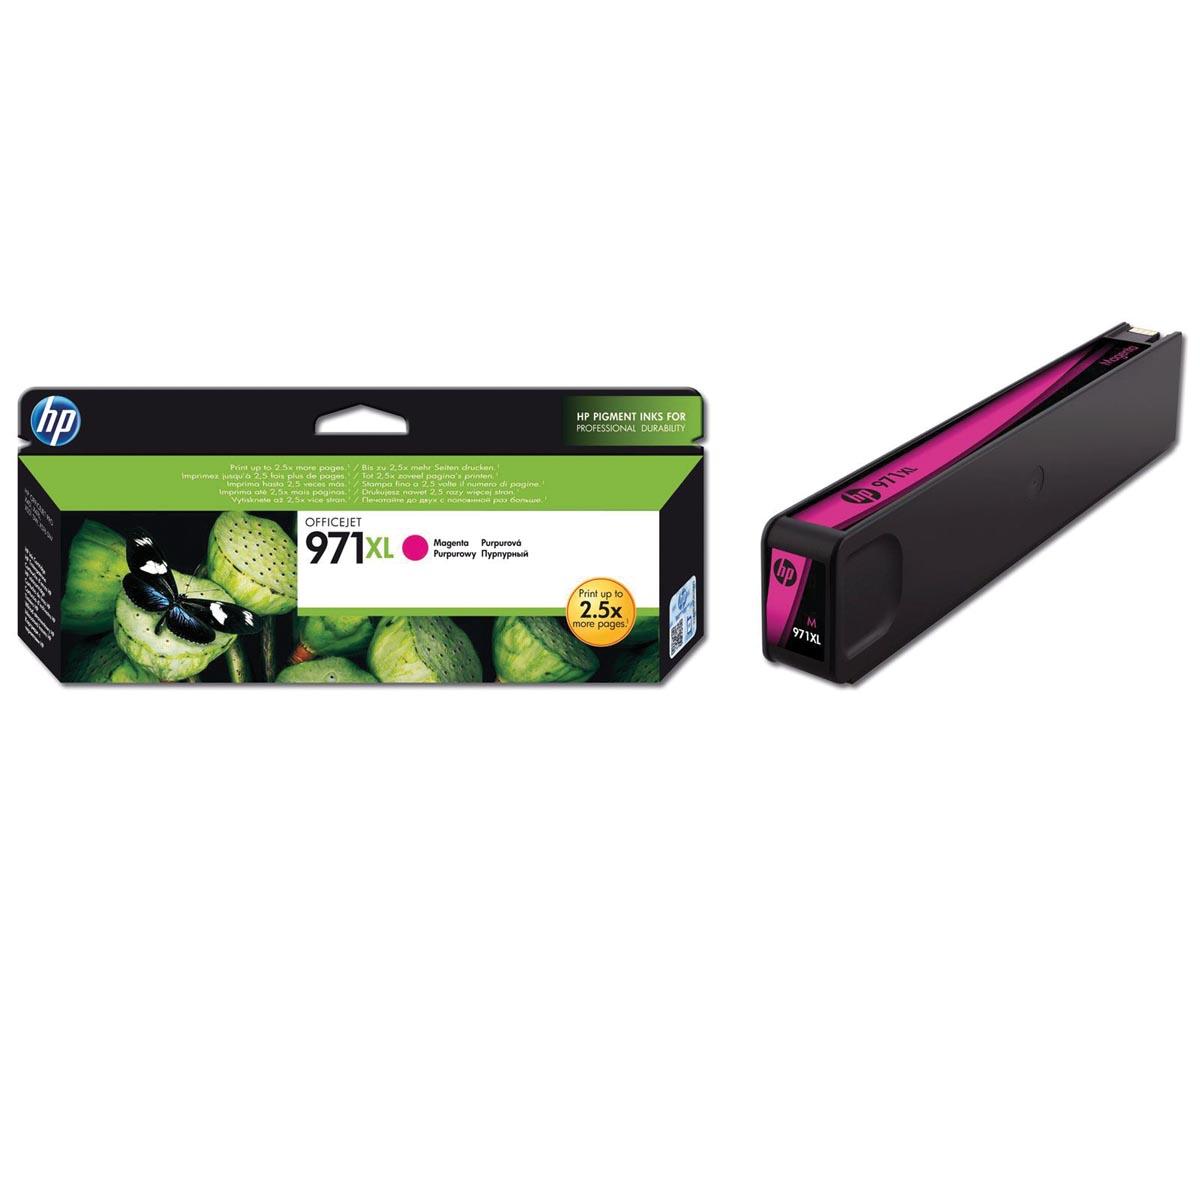 HP inktcartridge 971XL, 6 600 paginas, OEM CN627AE, magenta